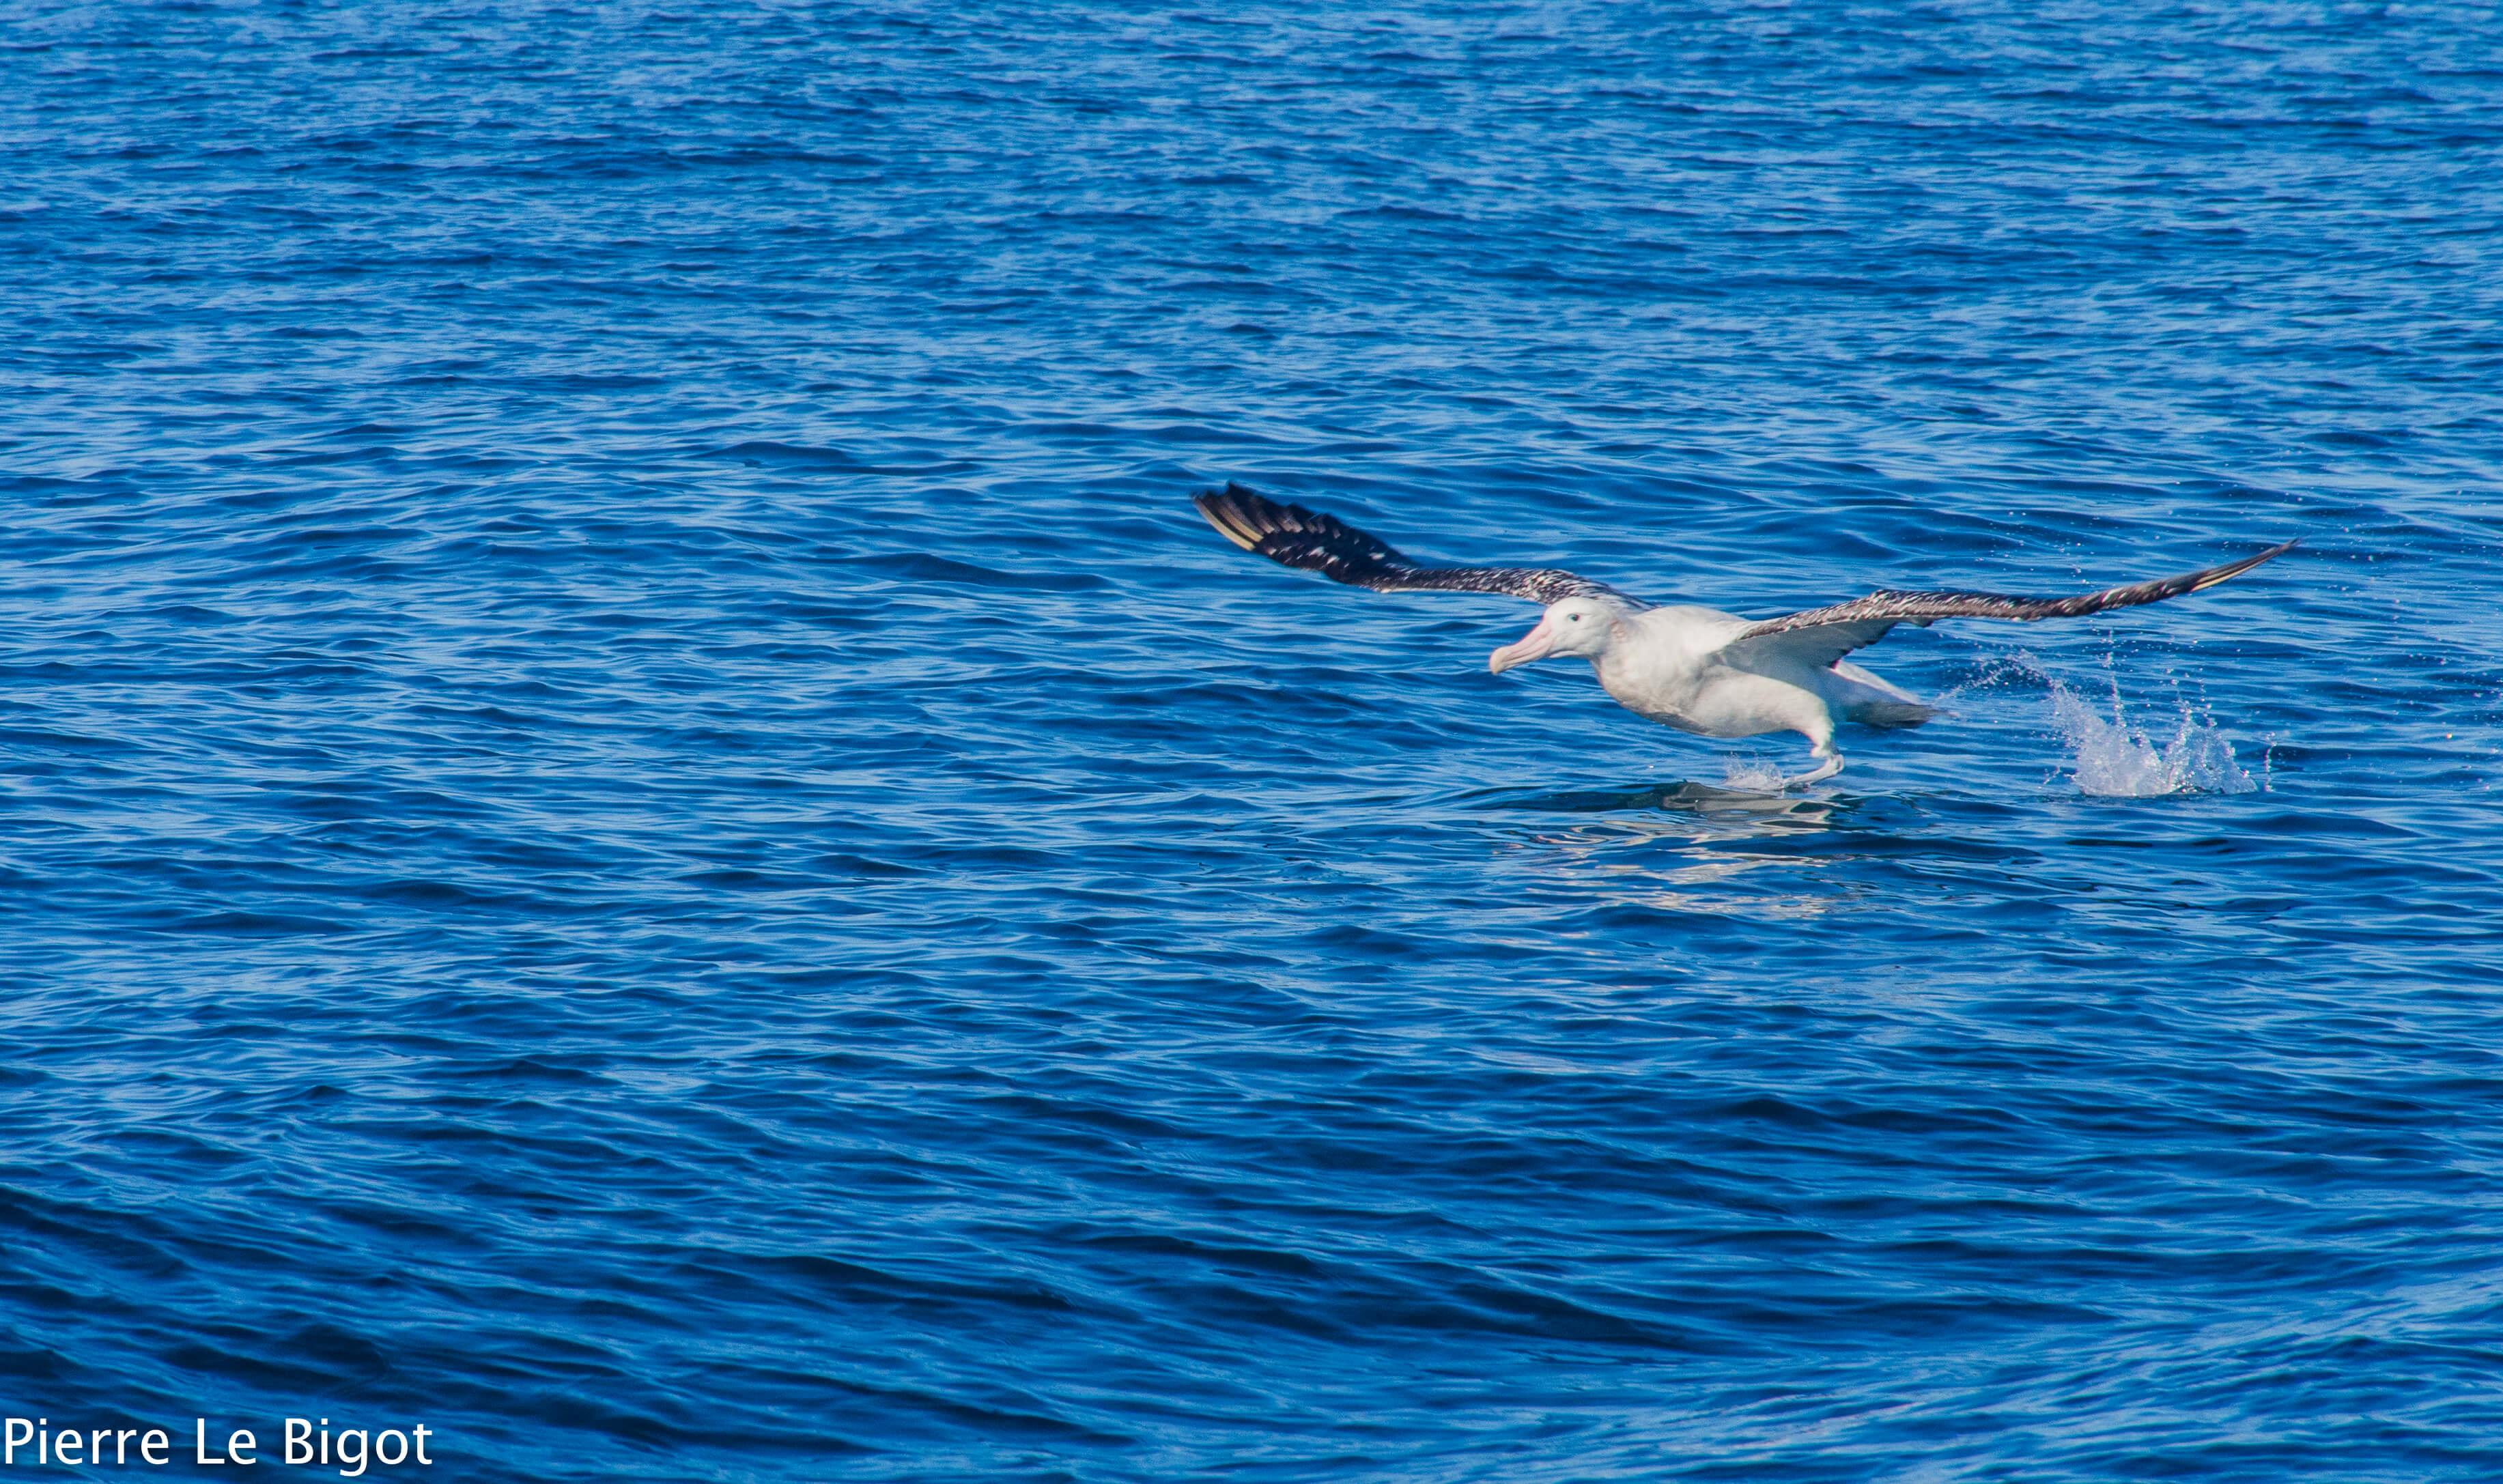 Pour voir la baleine en Nouvelle-Zélande, privilégiez certains sites qui sortent du lot, grâce à la grande probabilité d'y rencontrer des cétacés comme les cachalots et les baleines à bosse, sans oublier les mouettes.